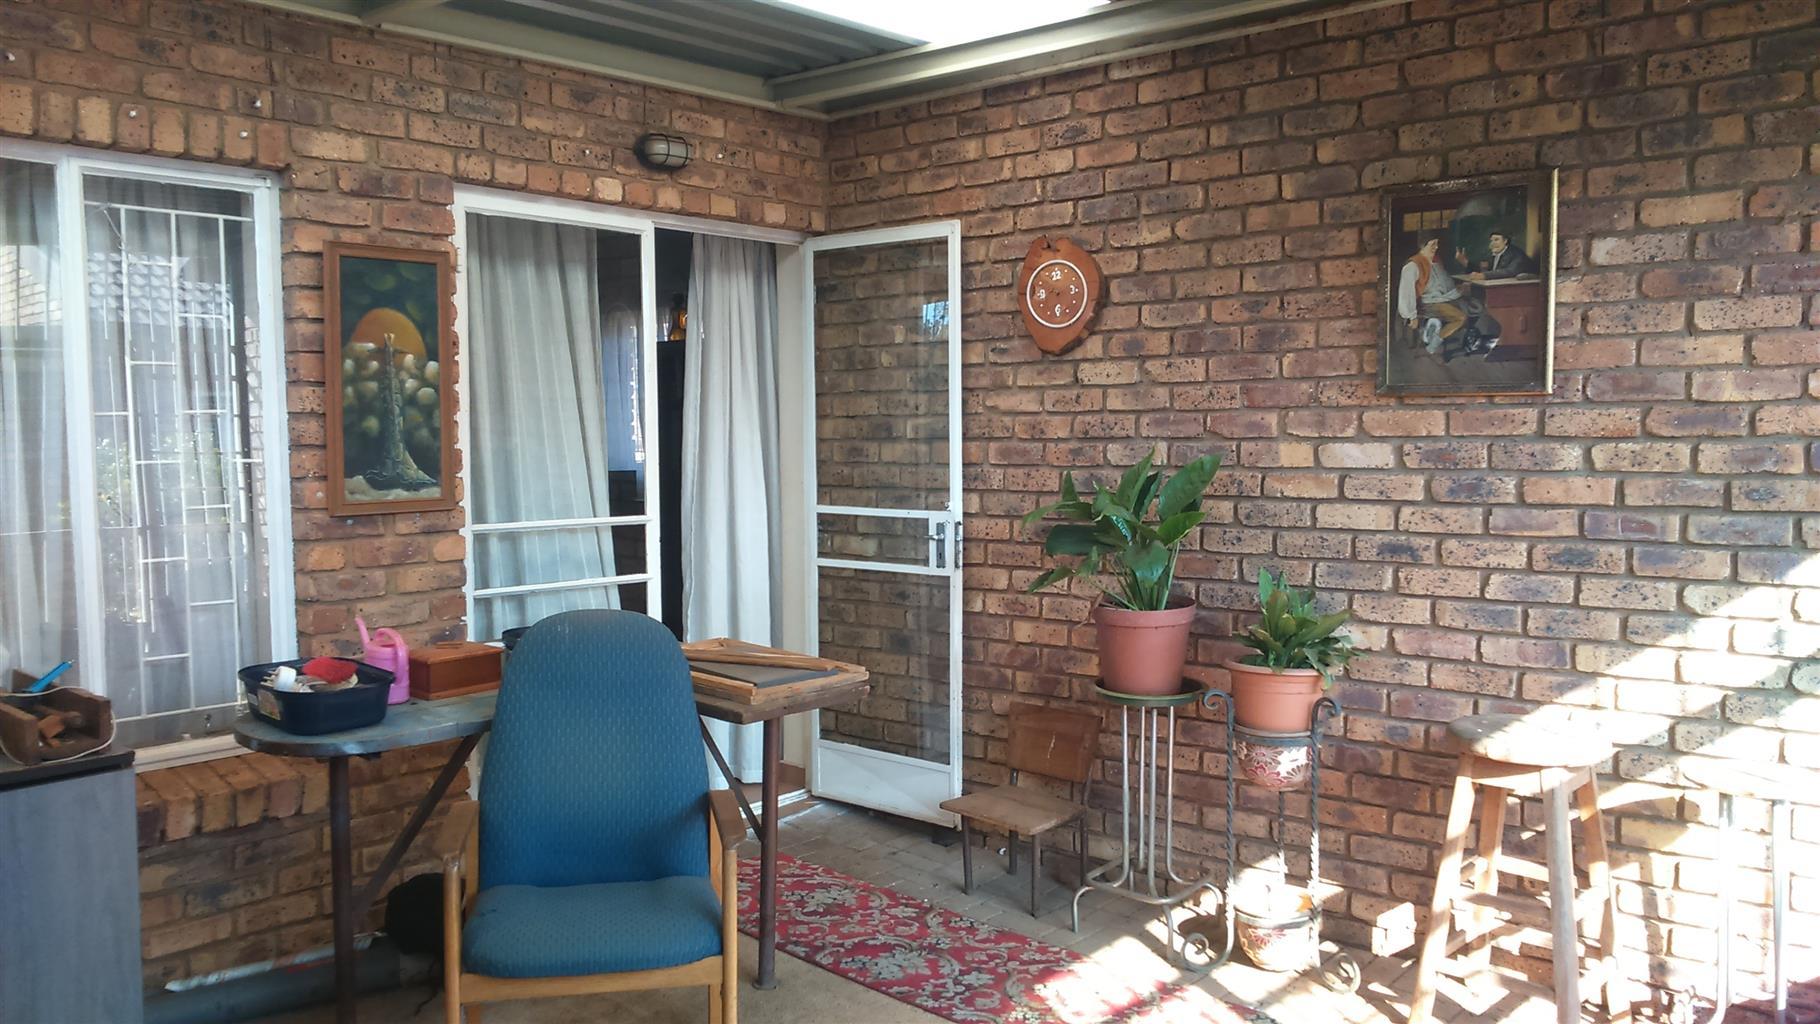 2 Slaapkamer meenthuis te koop in \'n aftree-oord | Junk Mail